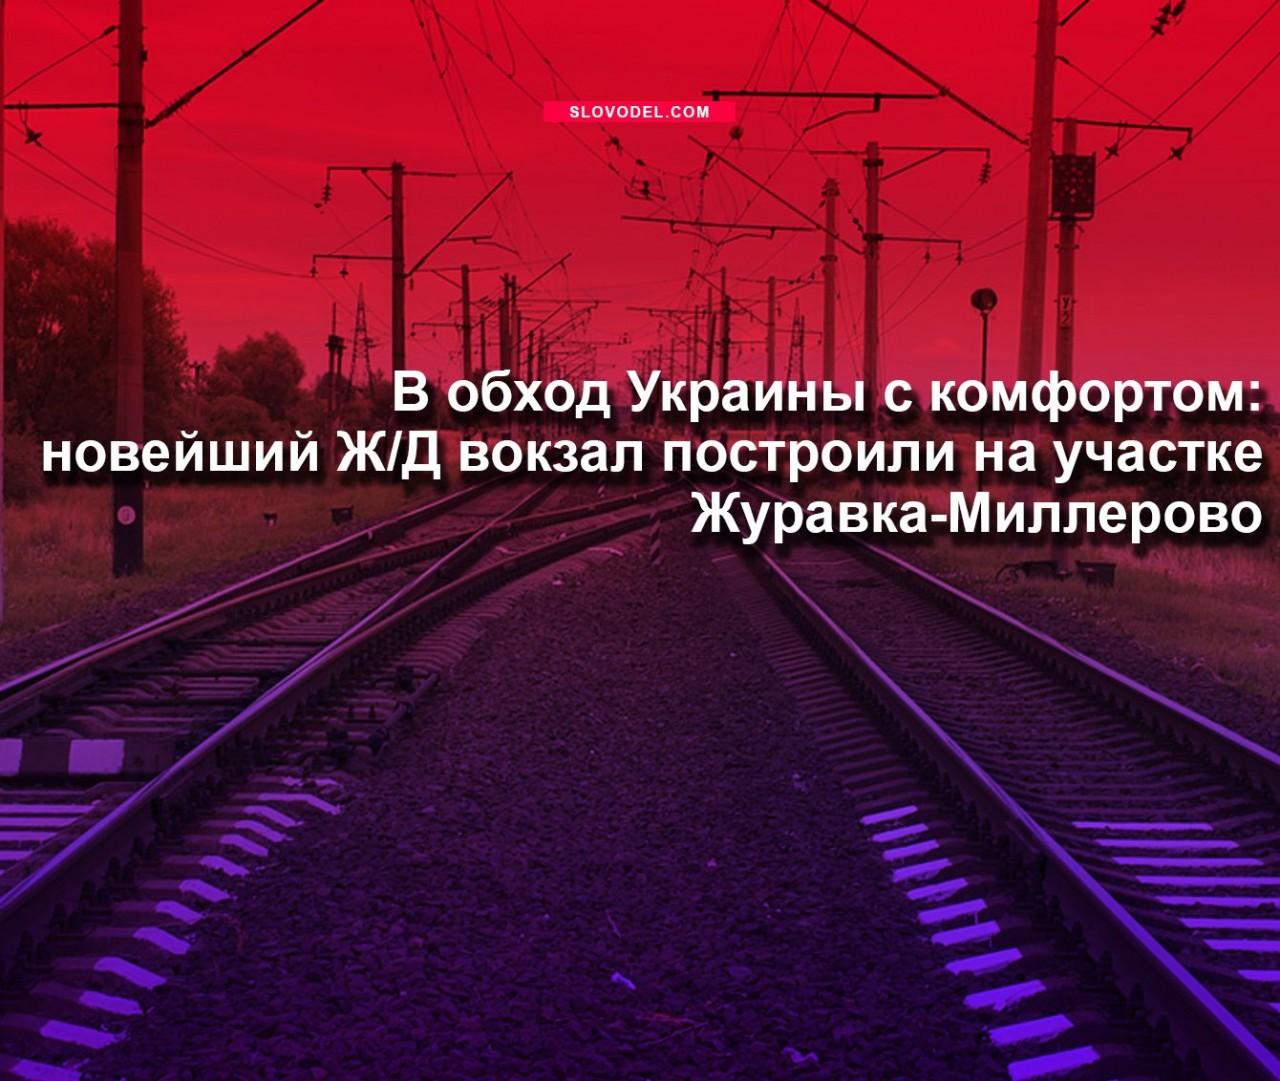 В обход Украины с комфортом: новейший Ж/Д вокзал построили на участке Журавка-Миллерово